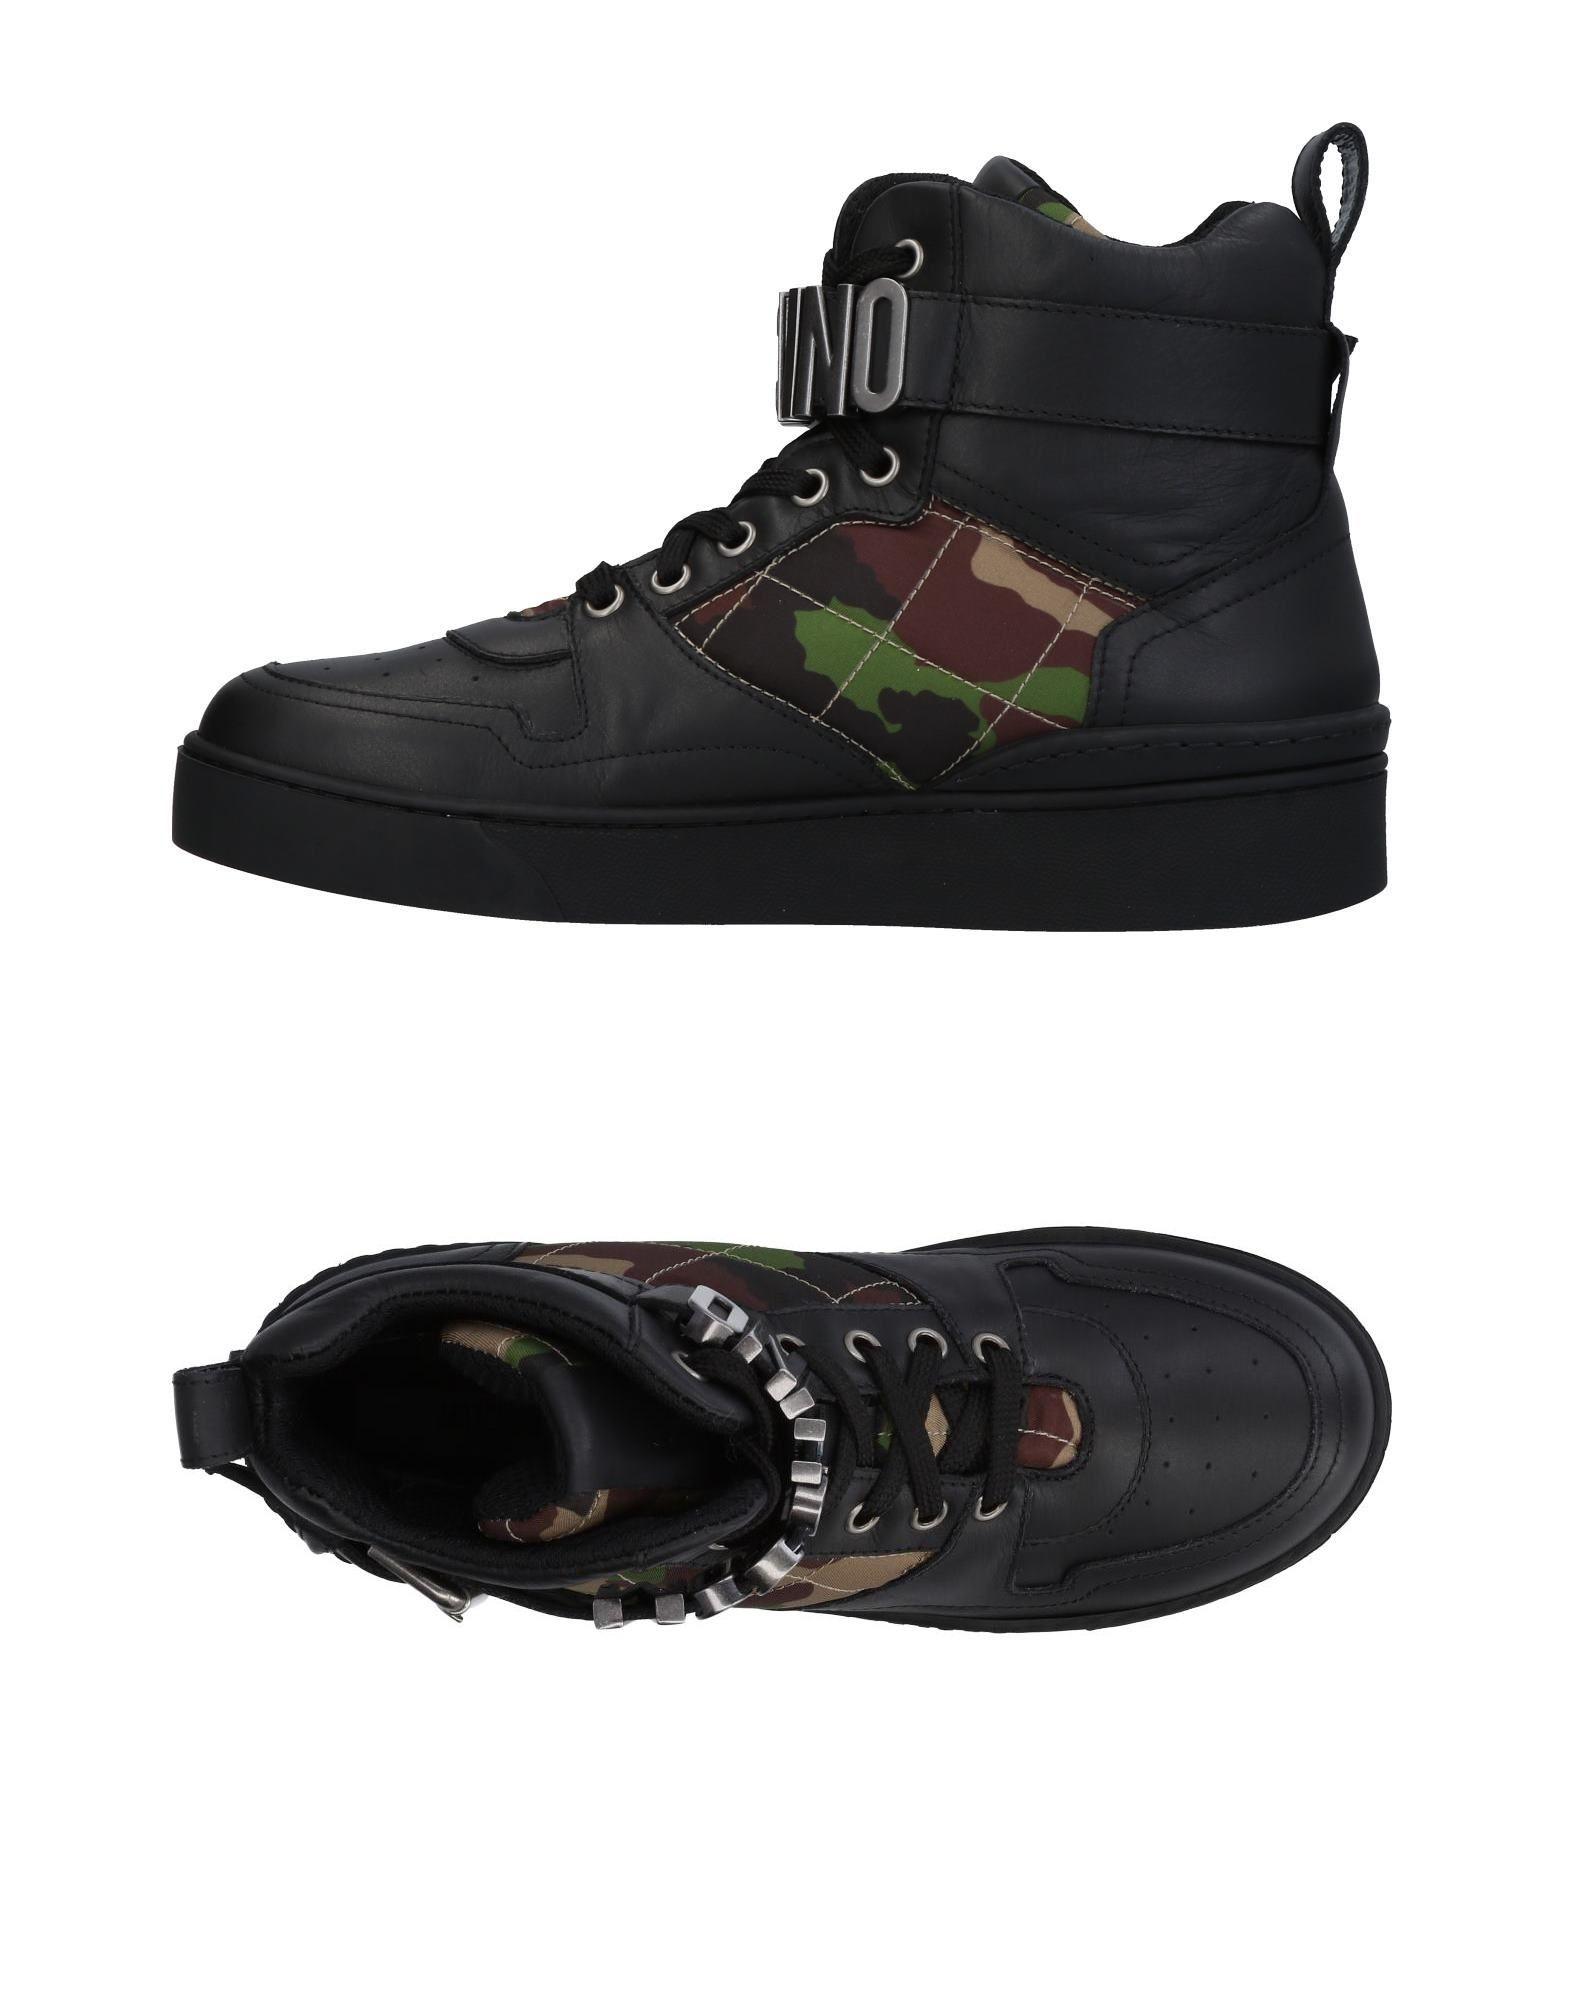 Schuhe Moschino Sneakers Damen  11451155OW Heiße Schuhe  9d765d